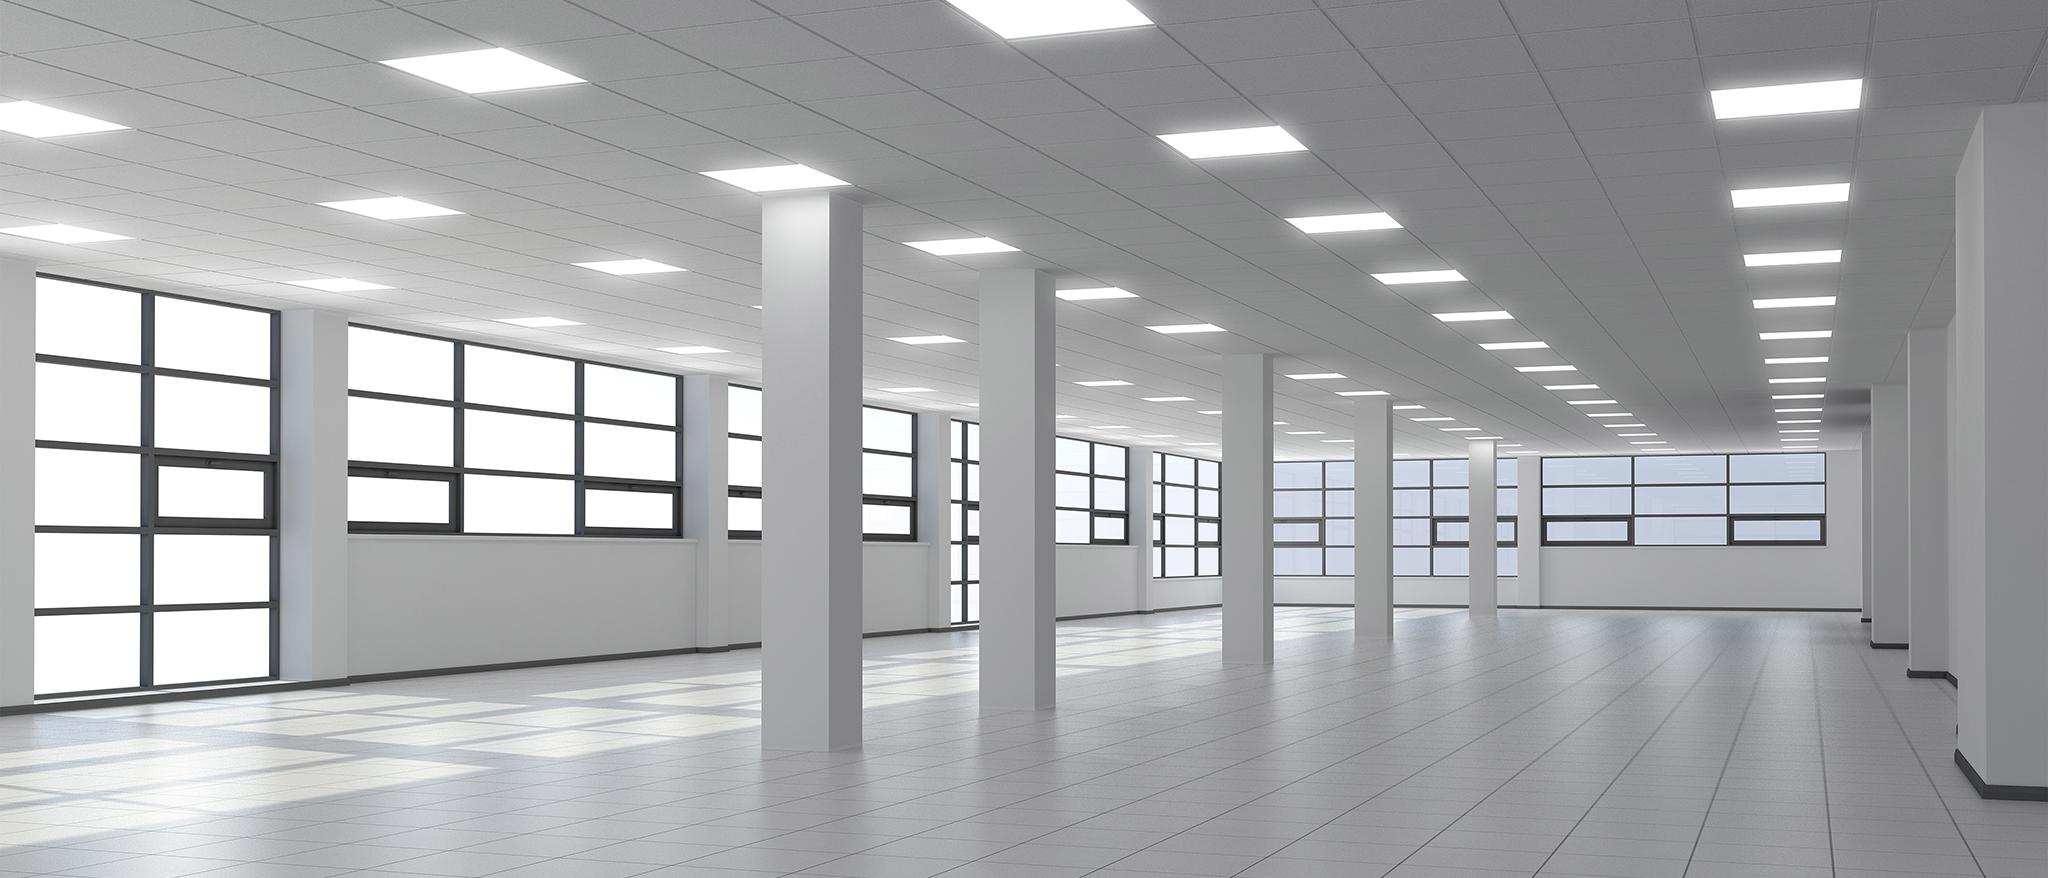 Det største udvalg af LED paneler samlet på nettet